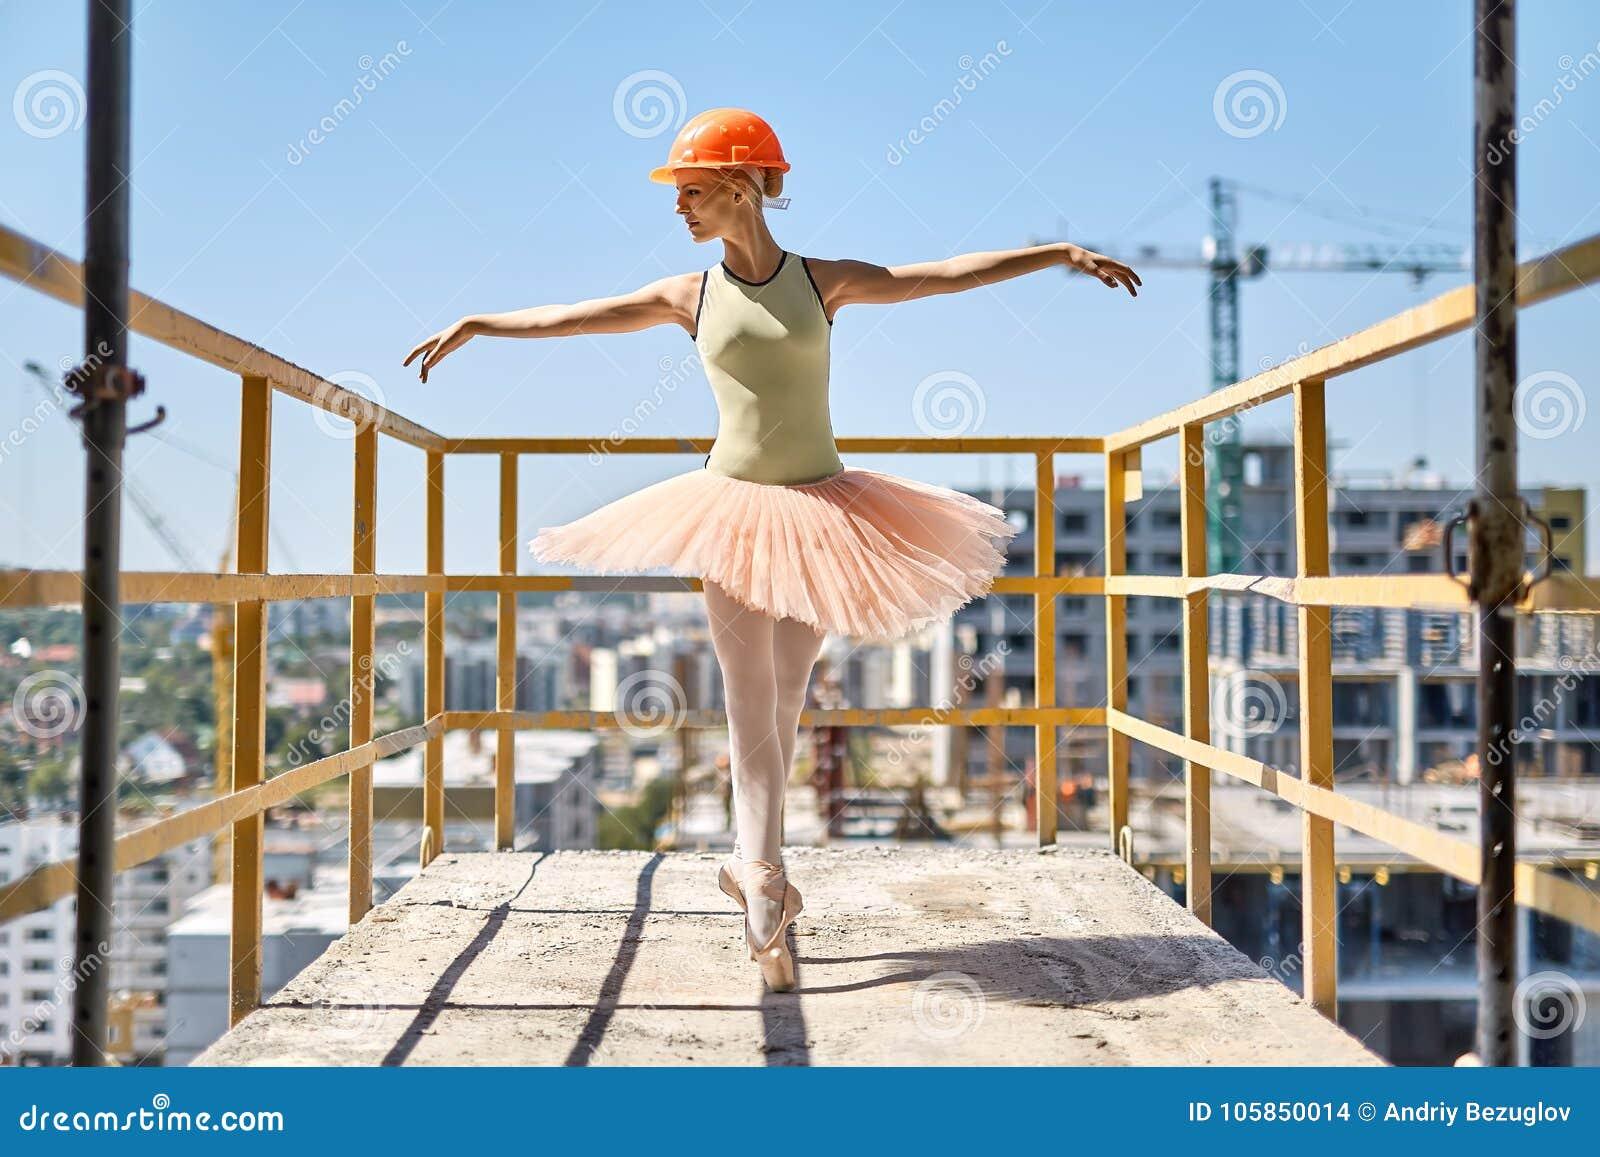 Ballerine posant au balcon concret